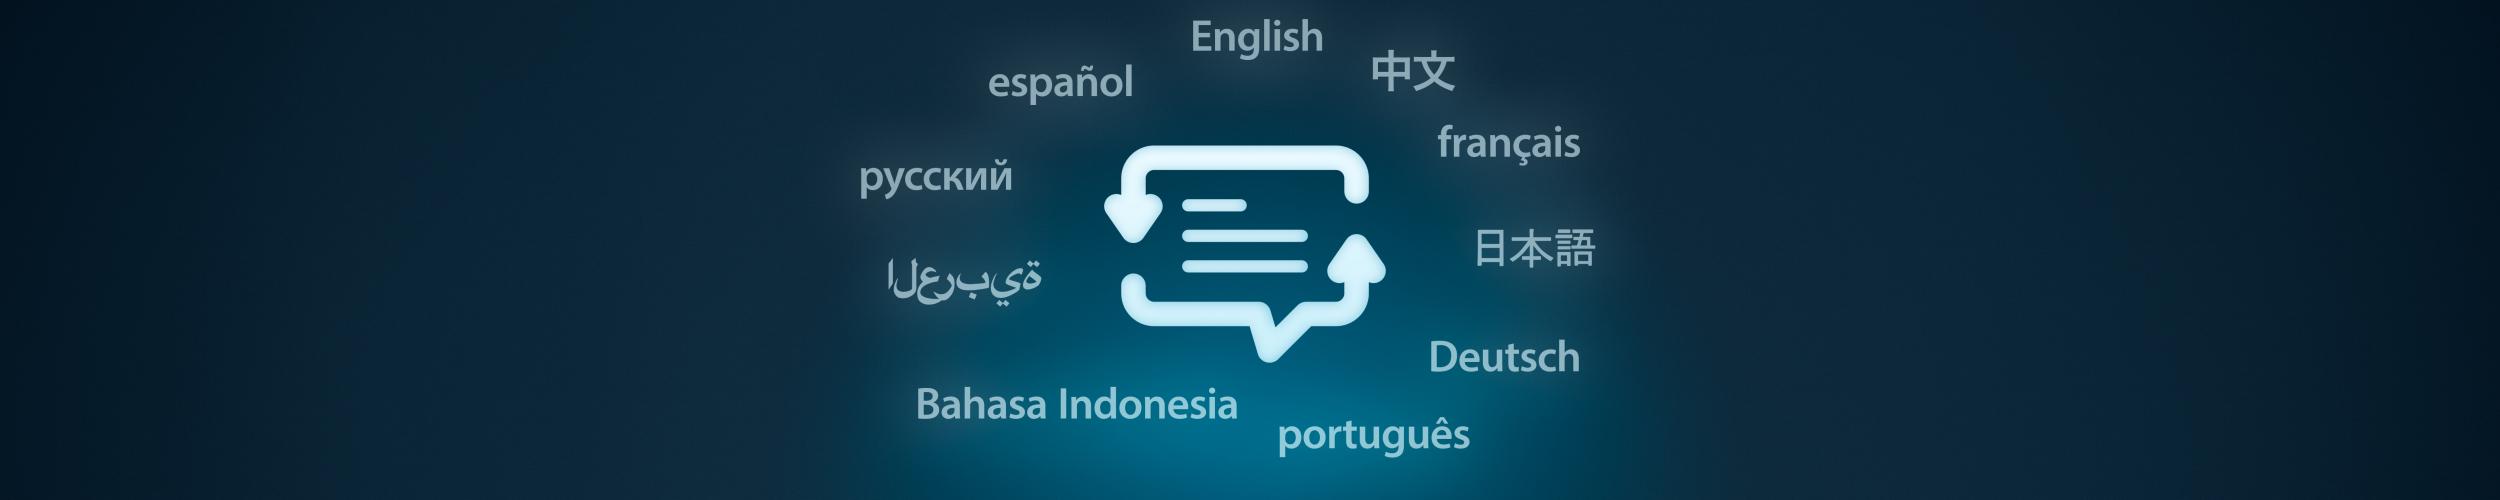 IK wil deze en andere websites vertalen